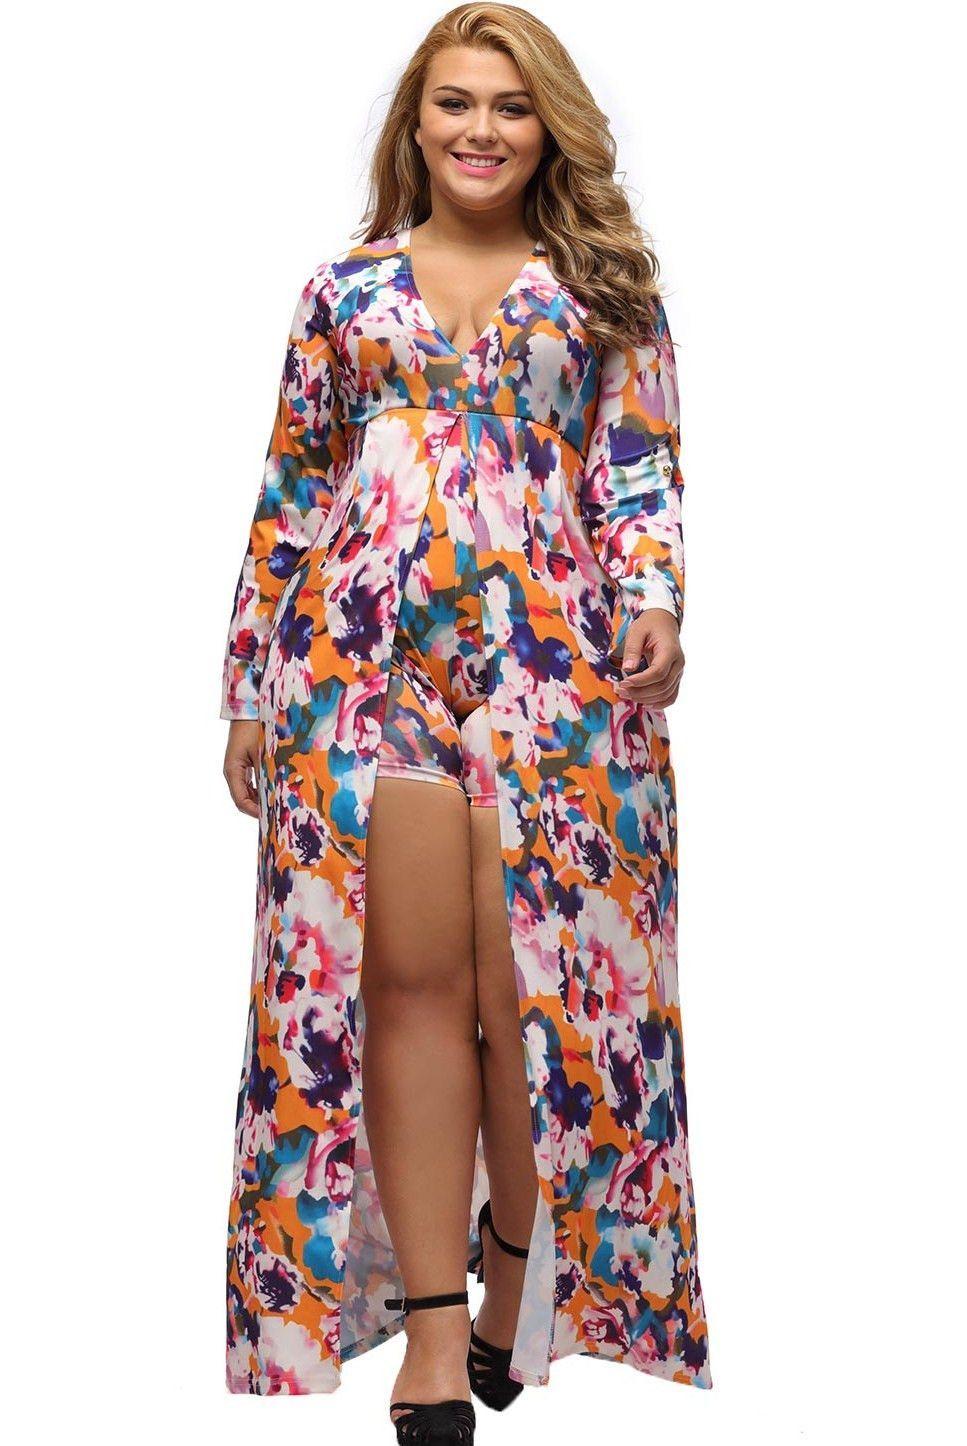 f556f7f7b0b Long Sleeve Floral Print Plus Size Romper Maxi Dress https   www.modeshe